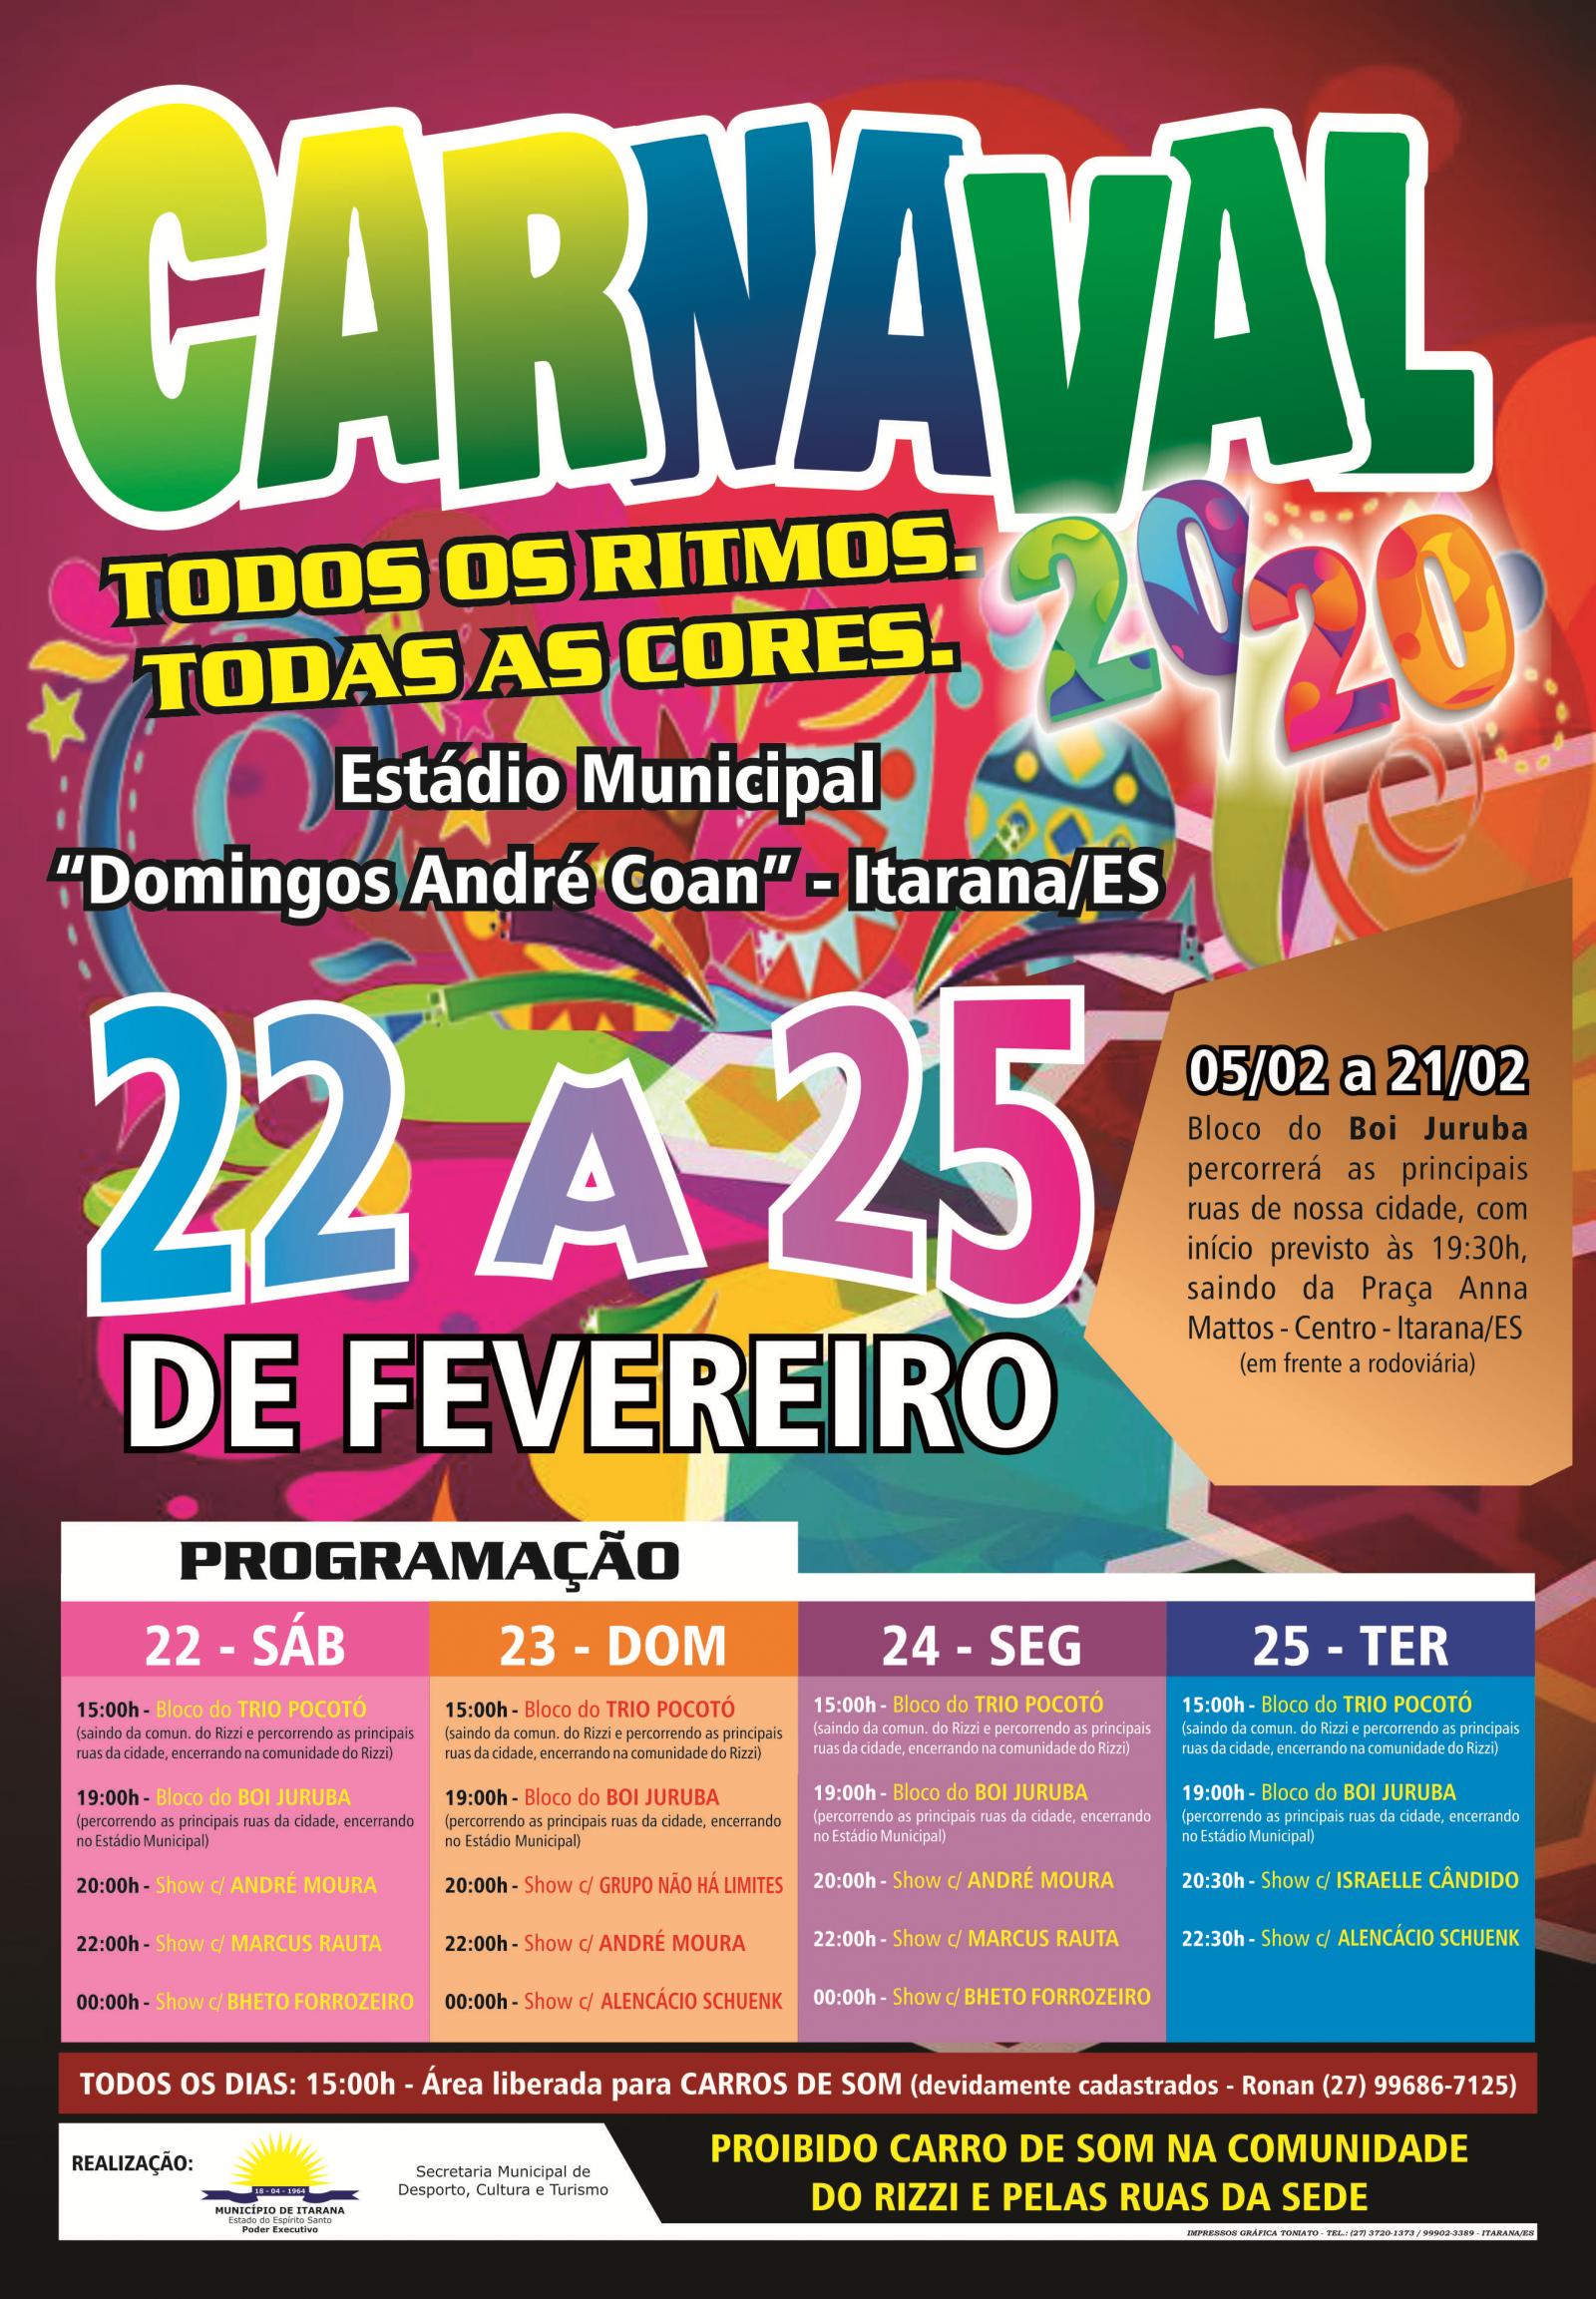 Prefeitura Municipal de Itarana apresenta programação do carnaval 2020 com blocos de rua e shows noturnos